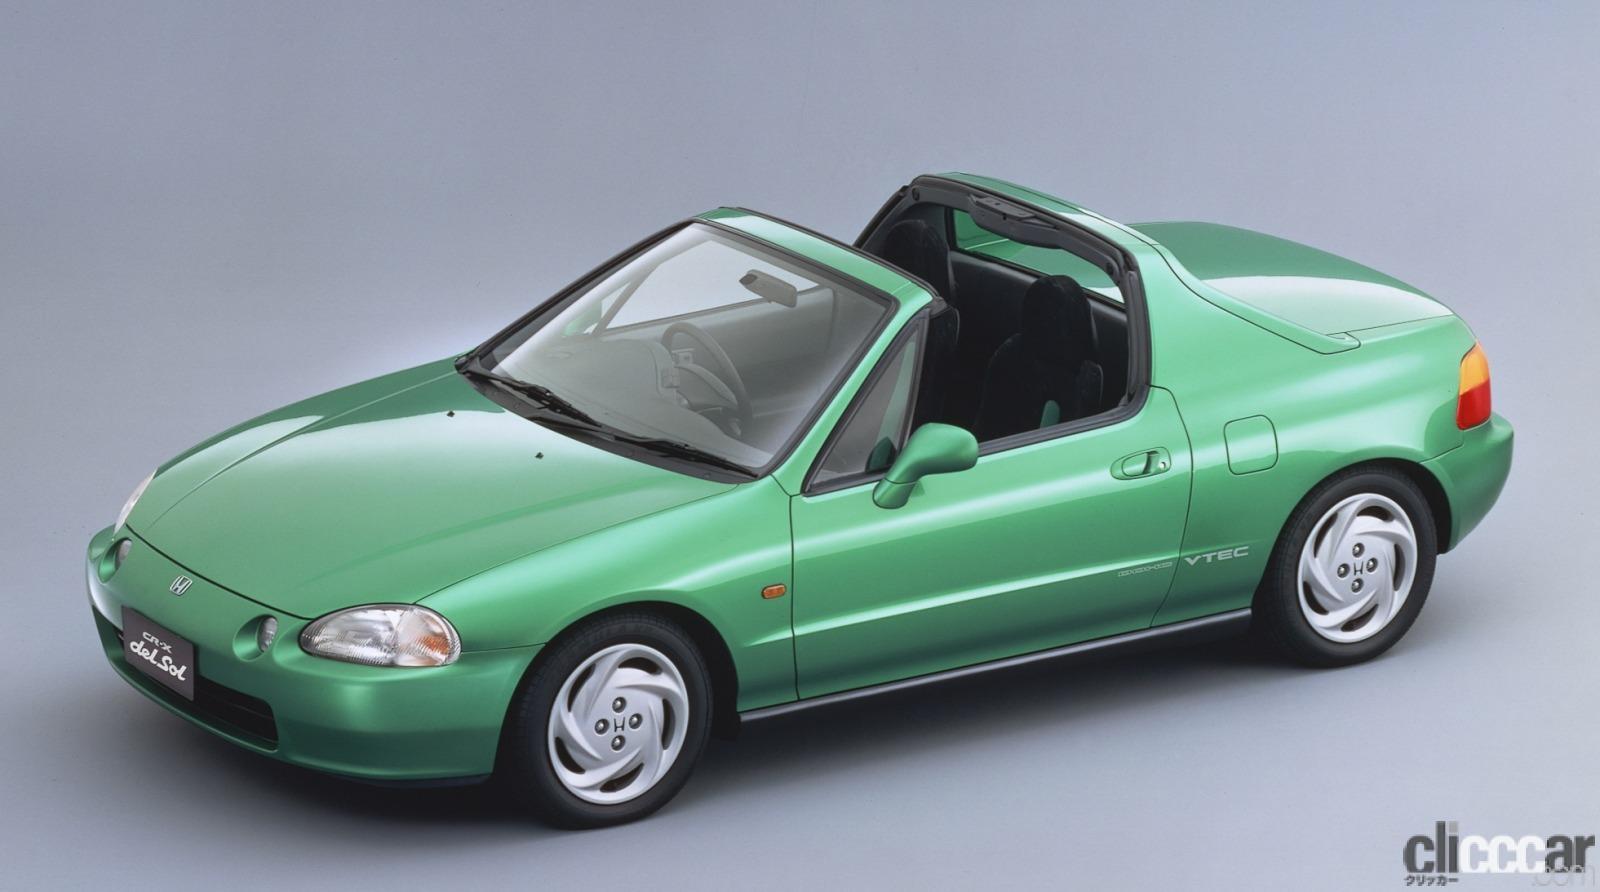 「ホンダ CR-Xデルソルが放つ南欧の光と風で、カタチも気分も変わる【ネオ・クラシックカー・グッドデザイン太鼓判「個性車編」第11回】」の1枚目の画像